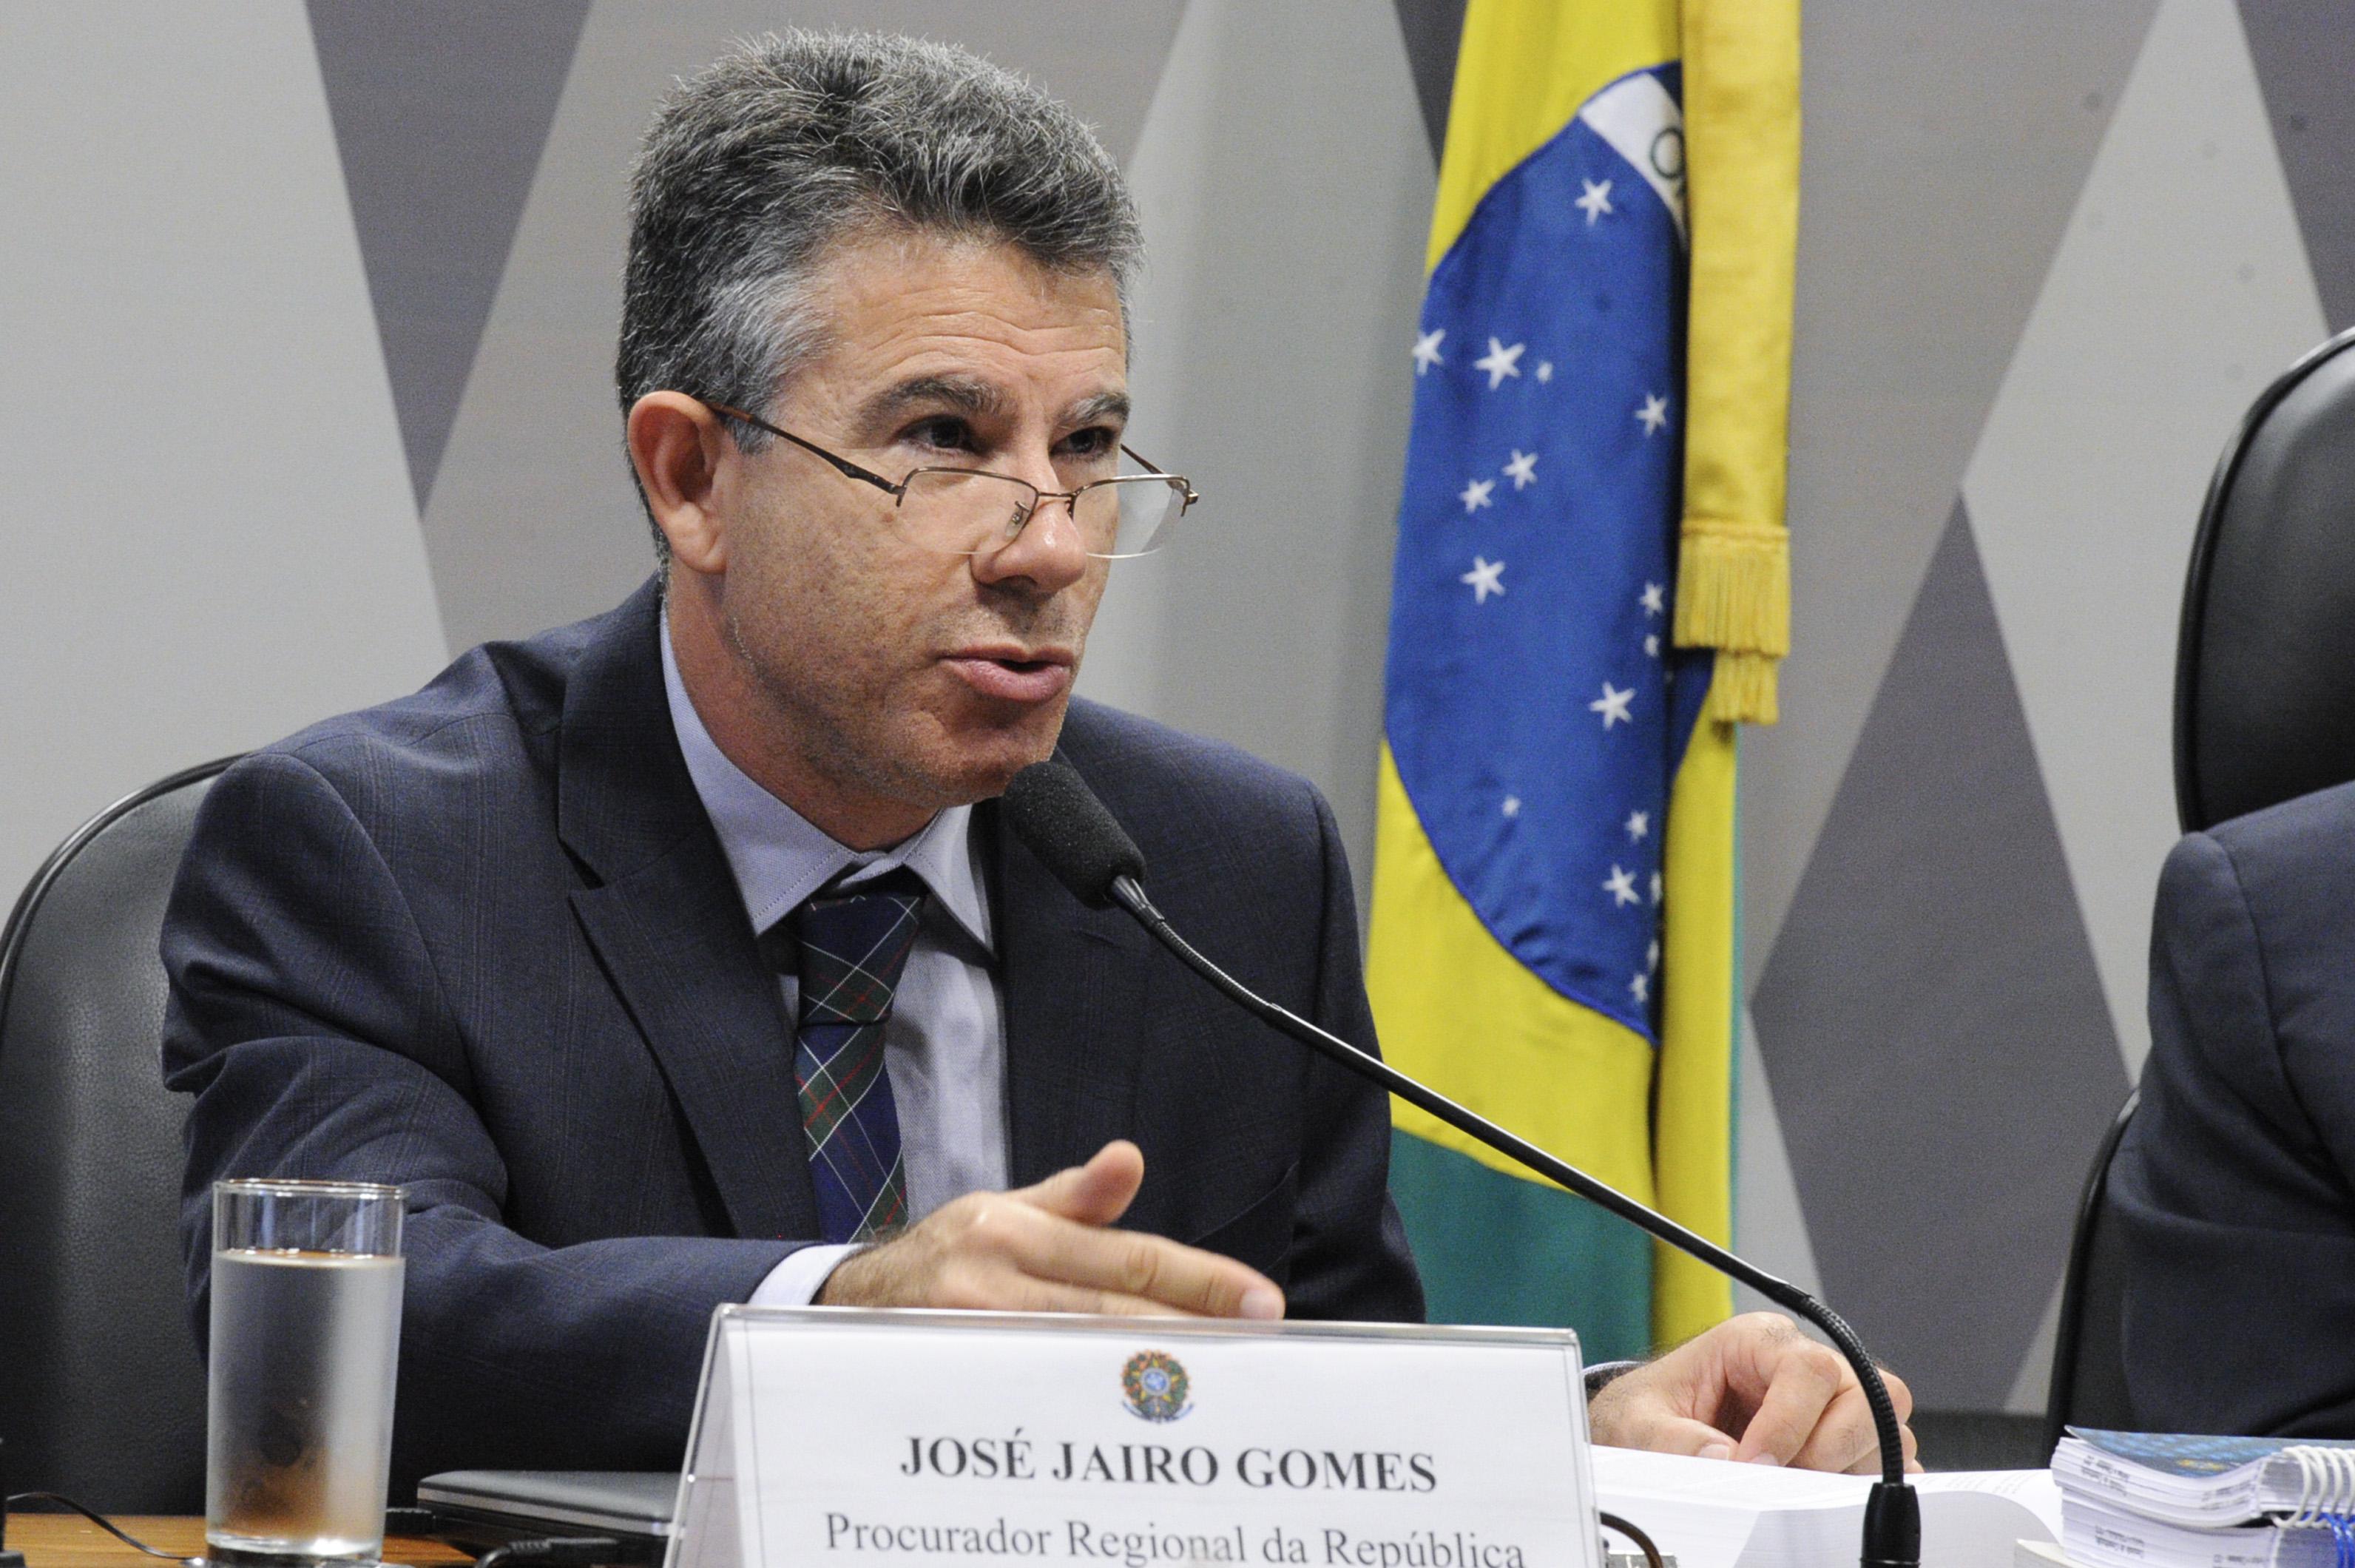 Veja o que saiu no Migalhas sobre José Jairo Gomes